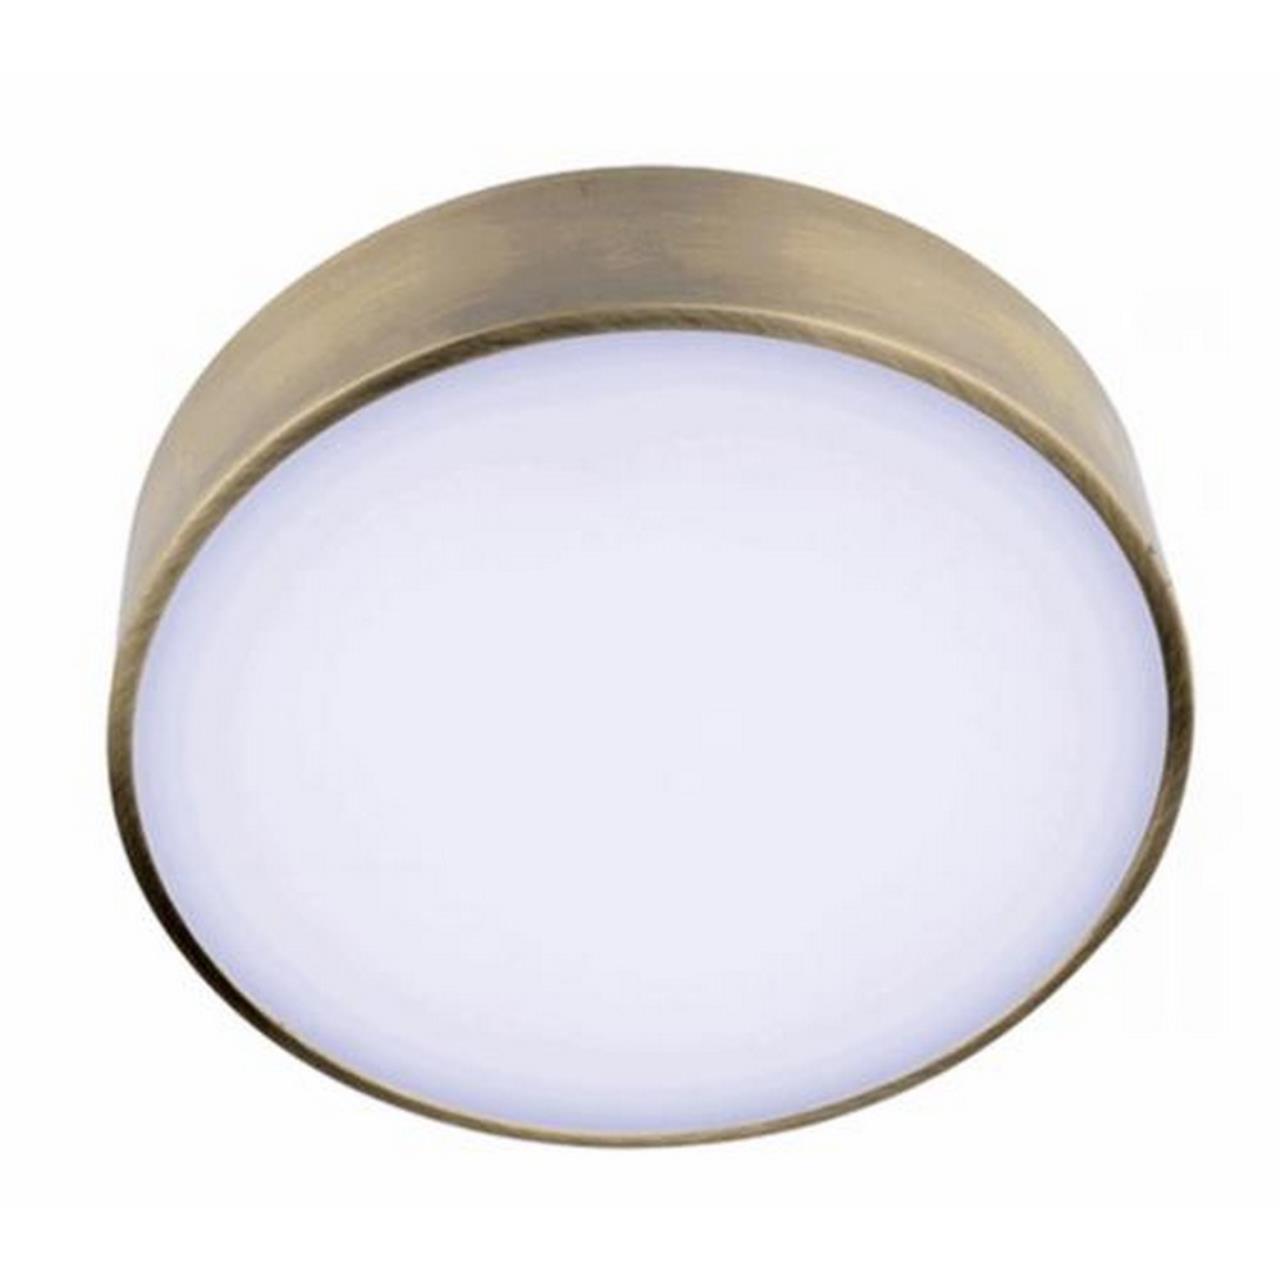 Встраиваемый-накладной светильник Aployt APL.0114.29.12